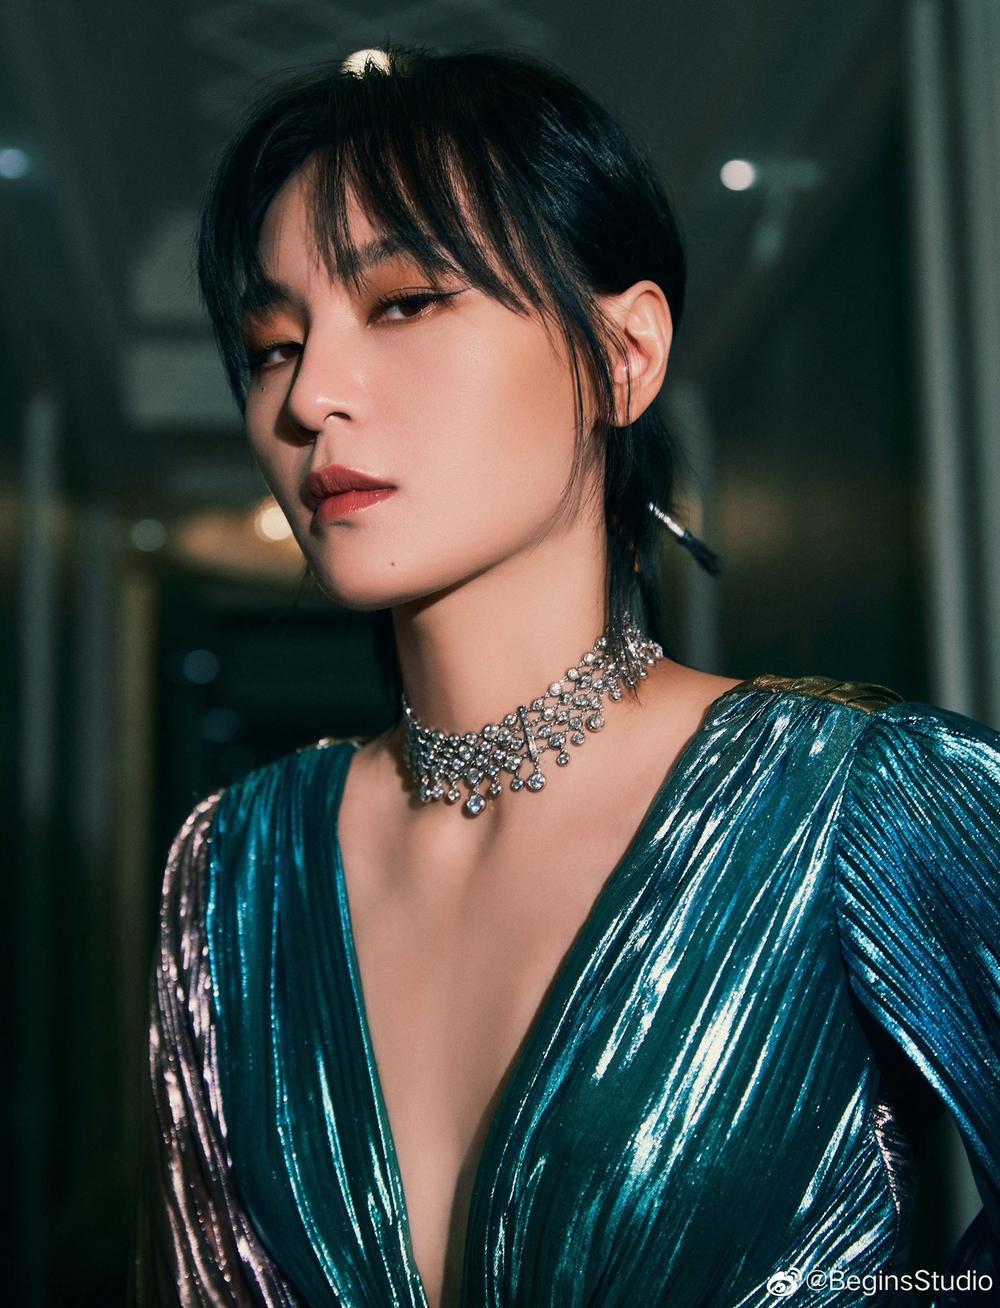 'Đêm hội ELLE 2020': Cận cảnh nhan sắc đẹp nao lòng của Dương Mịch, Cổ Lực Na Trát, Đường Yên và loạt sao Cbiz Ảnh 42